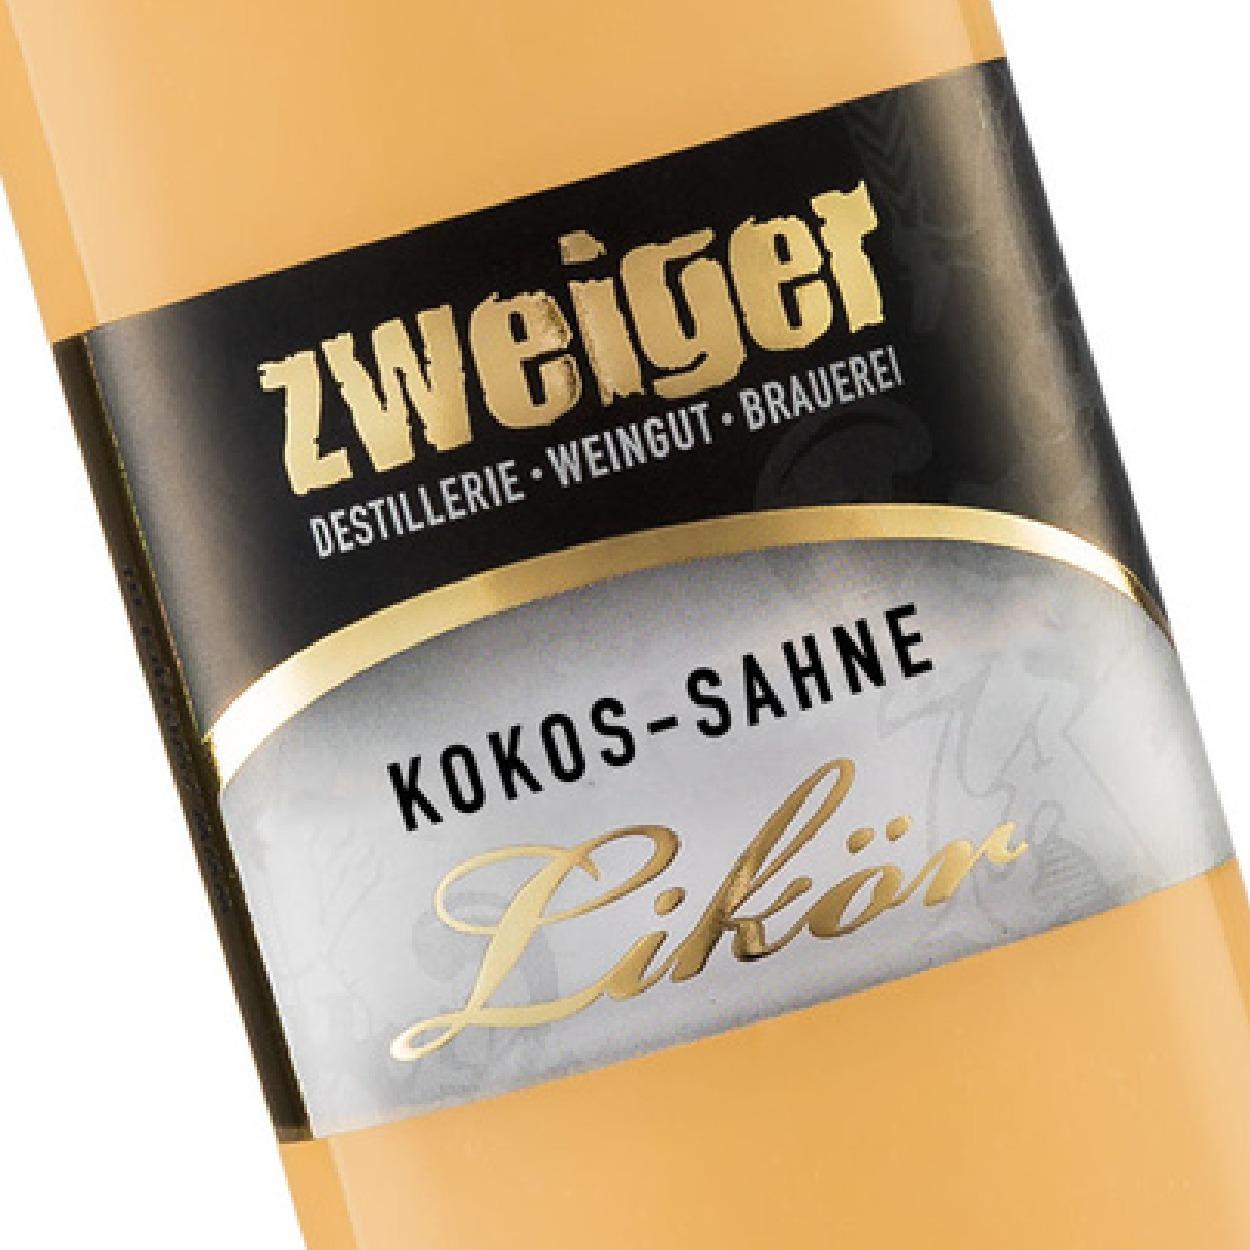 Kokos-Sahne Cremelikör Zweiger Destillerie